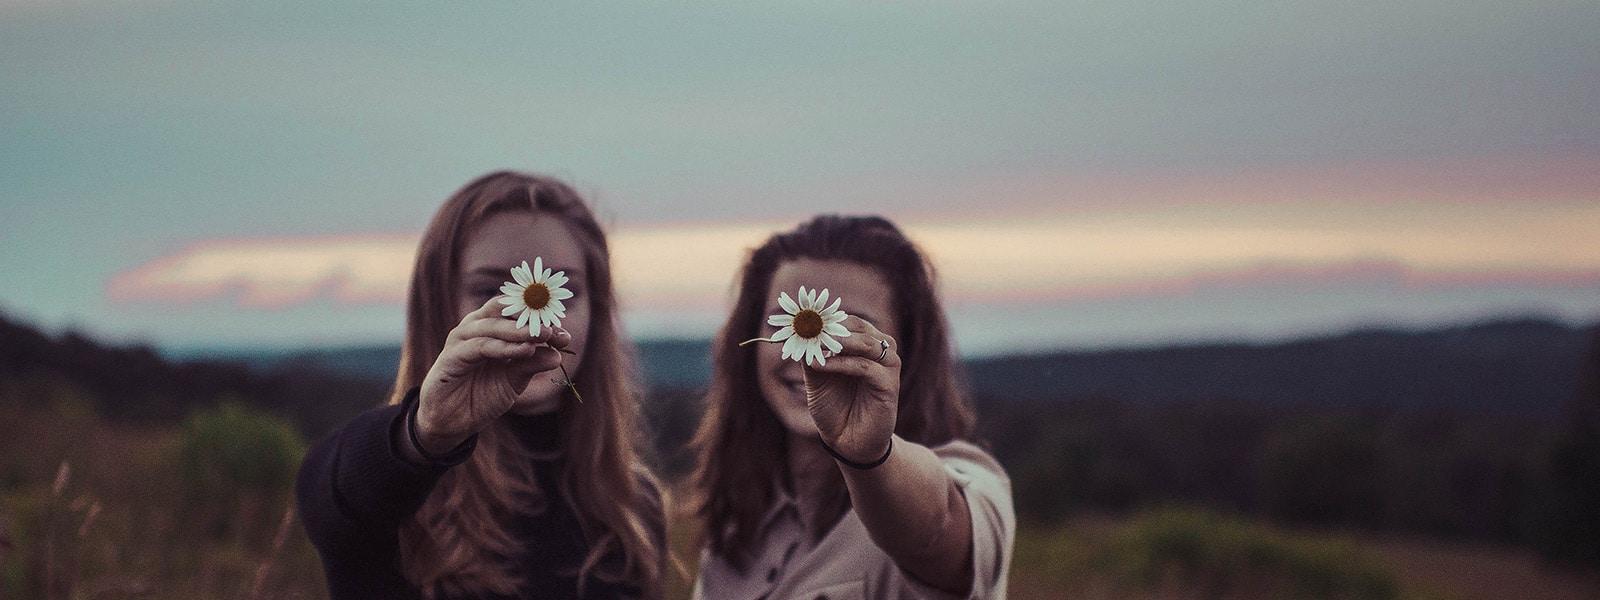 flower face girls